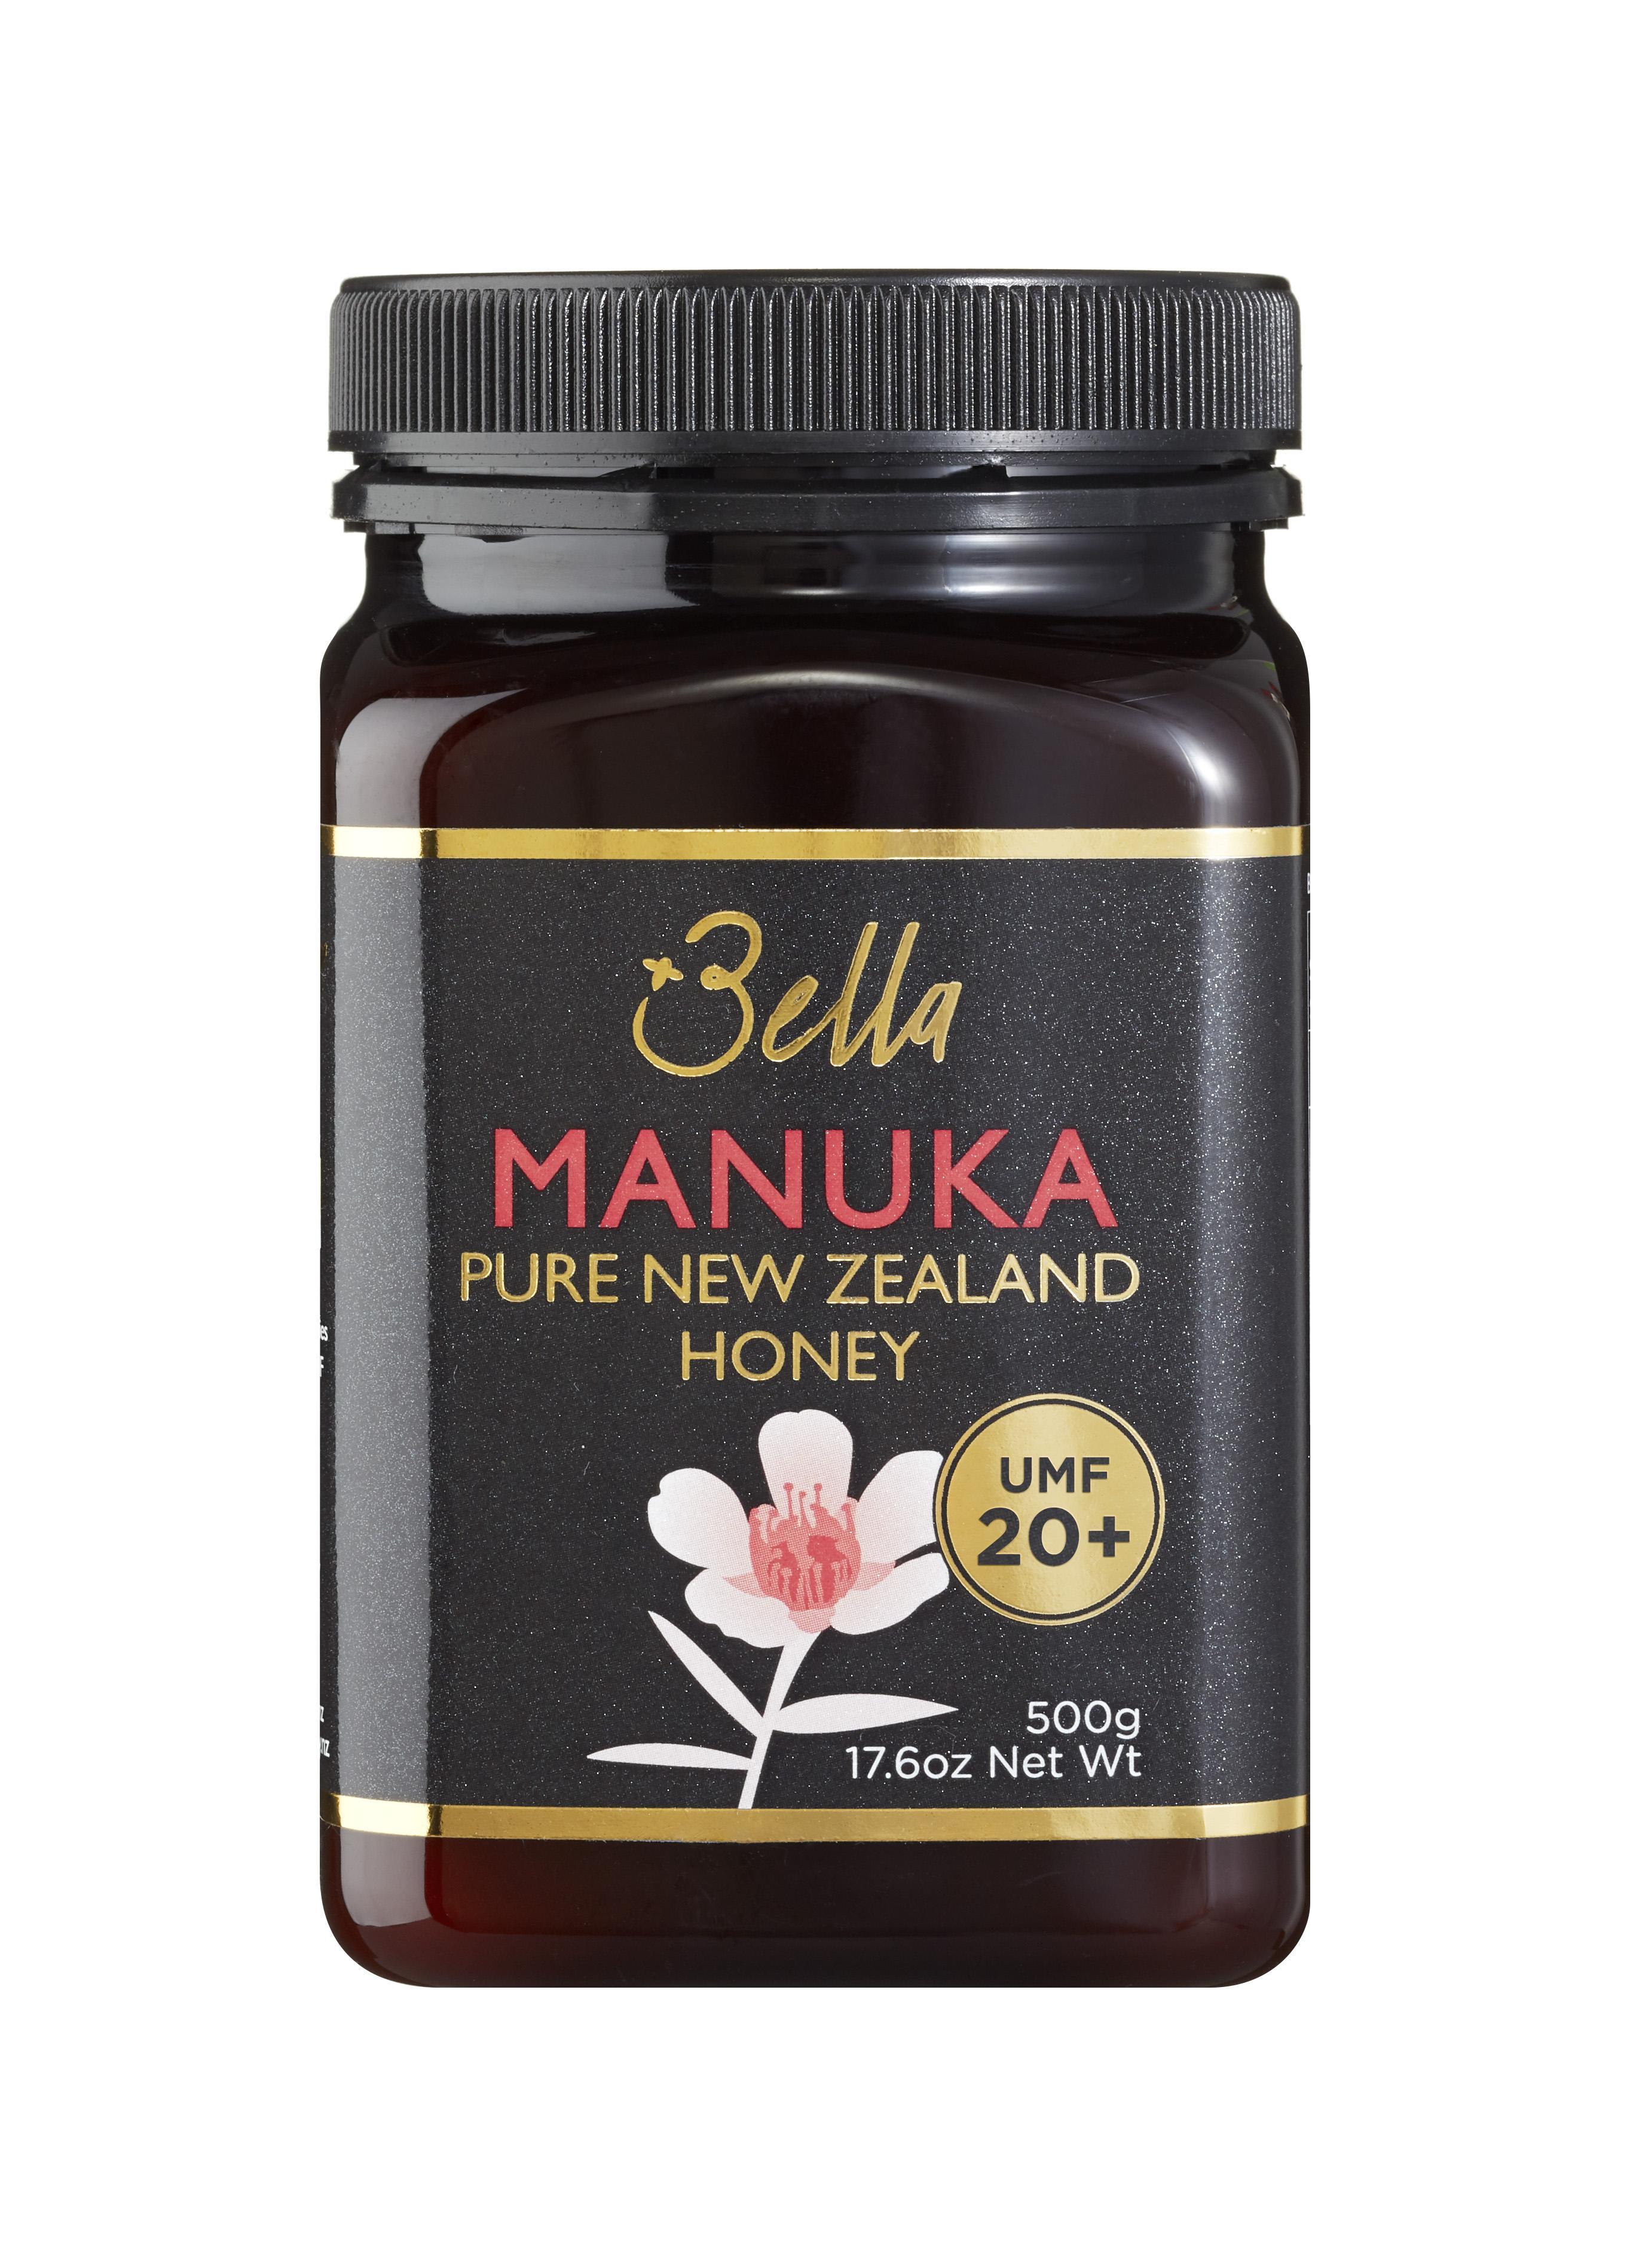 BellaManuka 20UMF500g 03.jpg